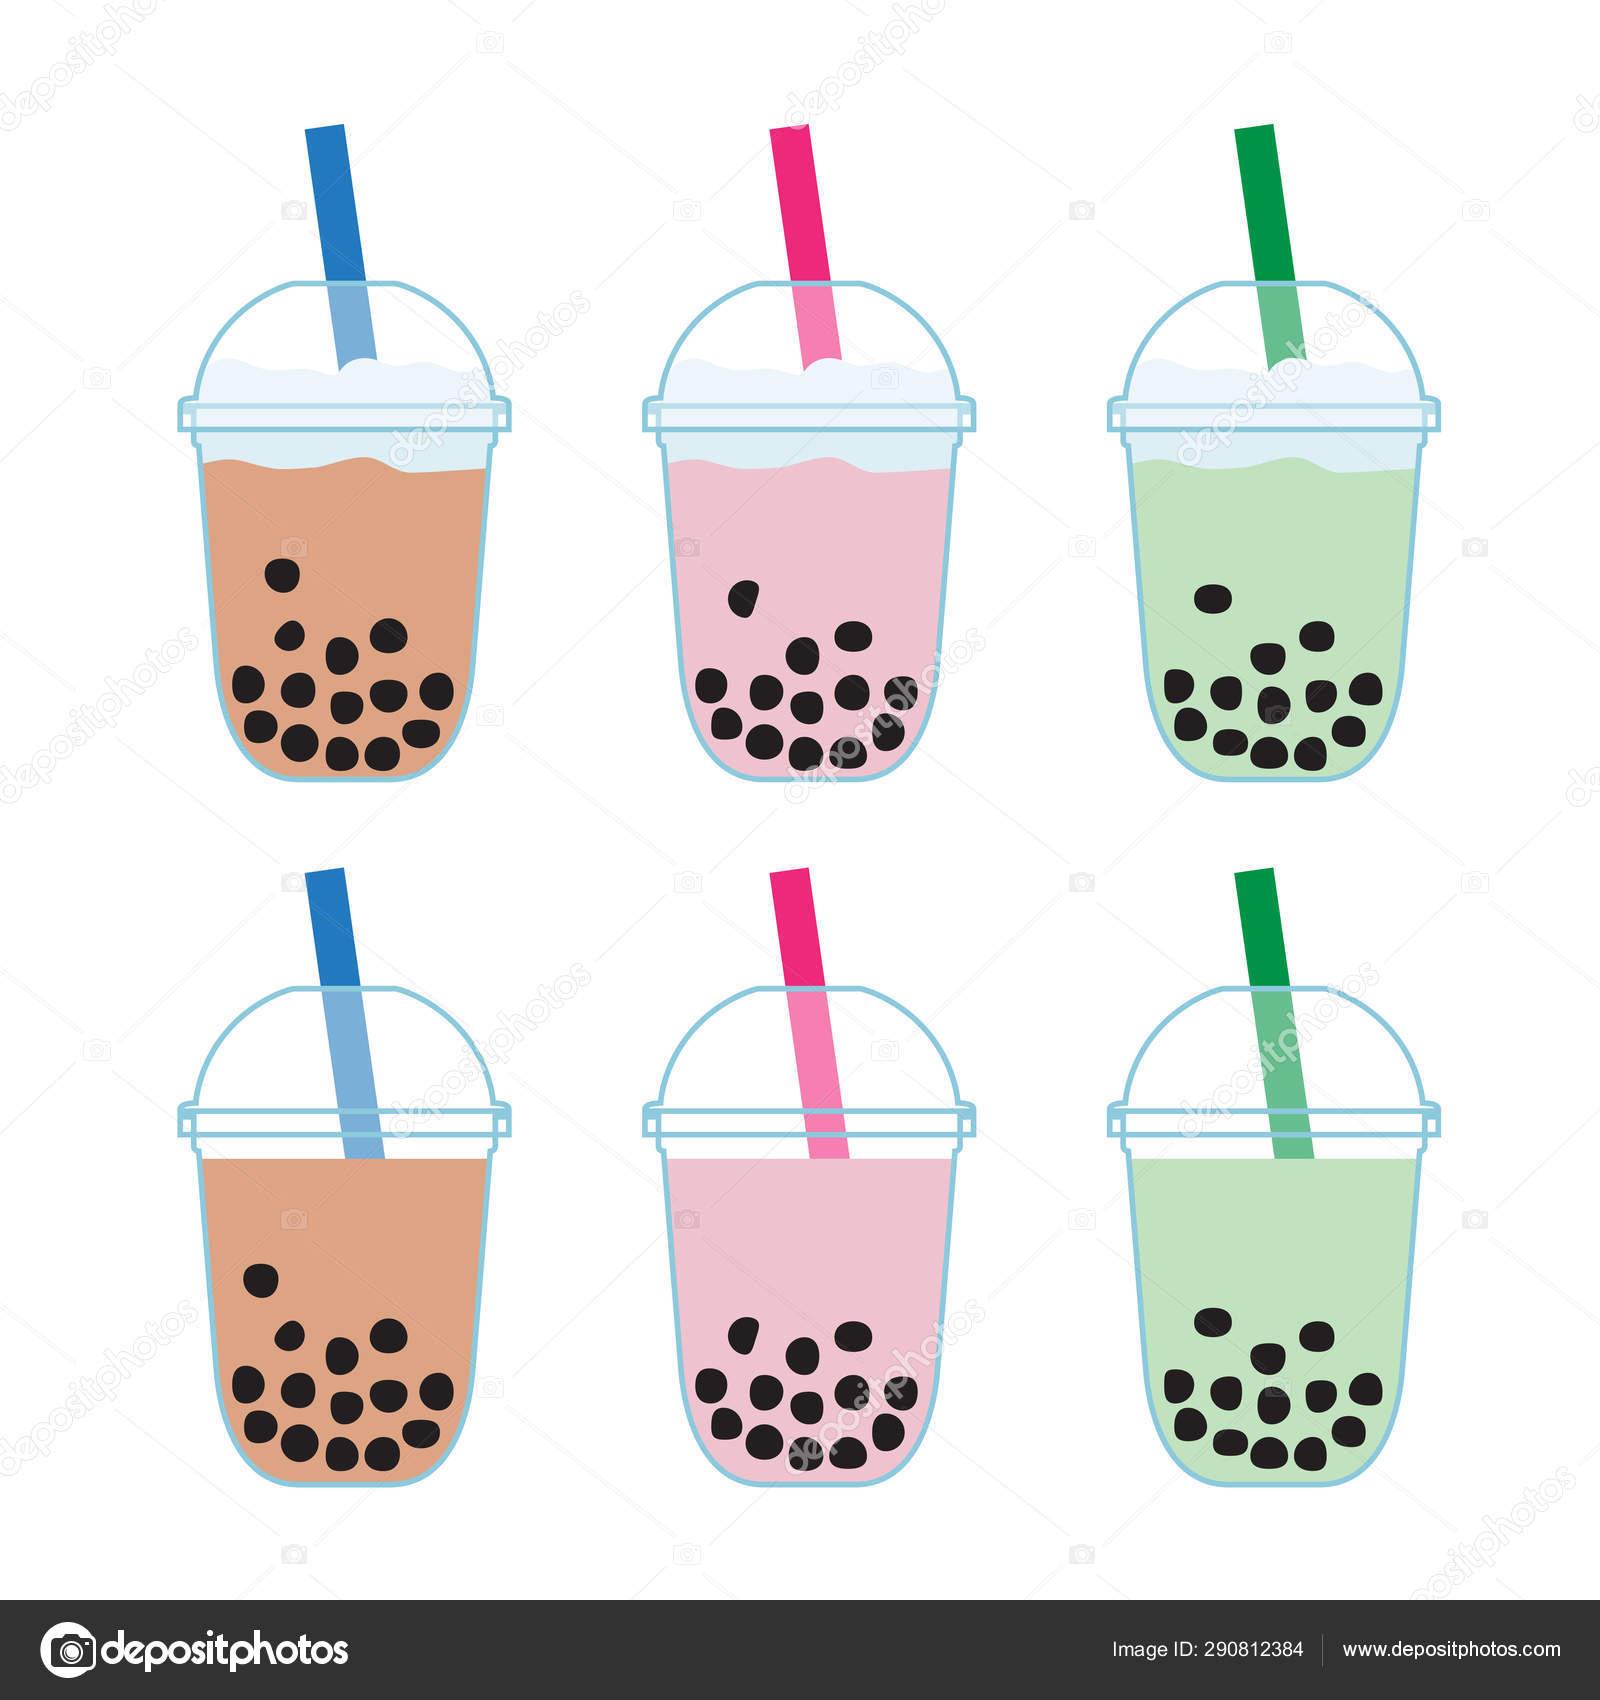 bubble tea boba tea pearl milk tea popular drink vector stock vector c dec nui gmail com 290812384 bubble tea boba tea pearl milk tea popular drink vector stock vector c dec nui gmail com 290812384